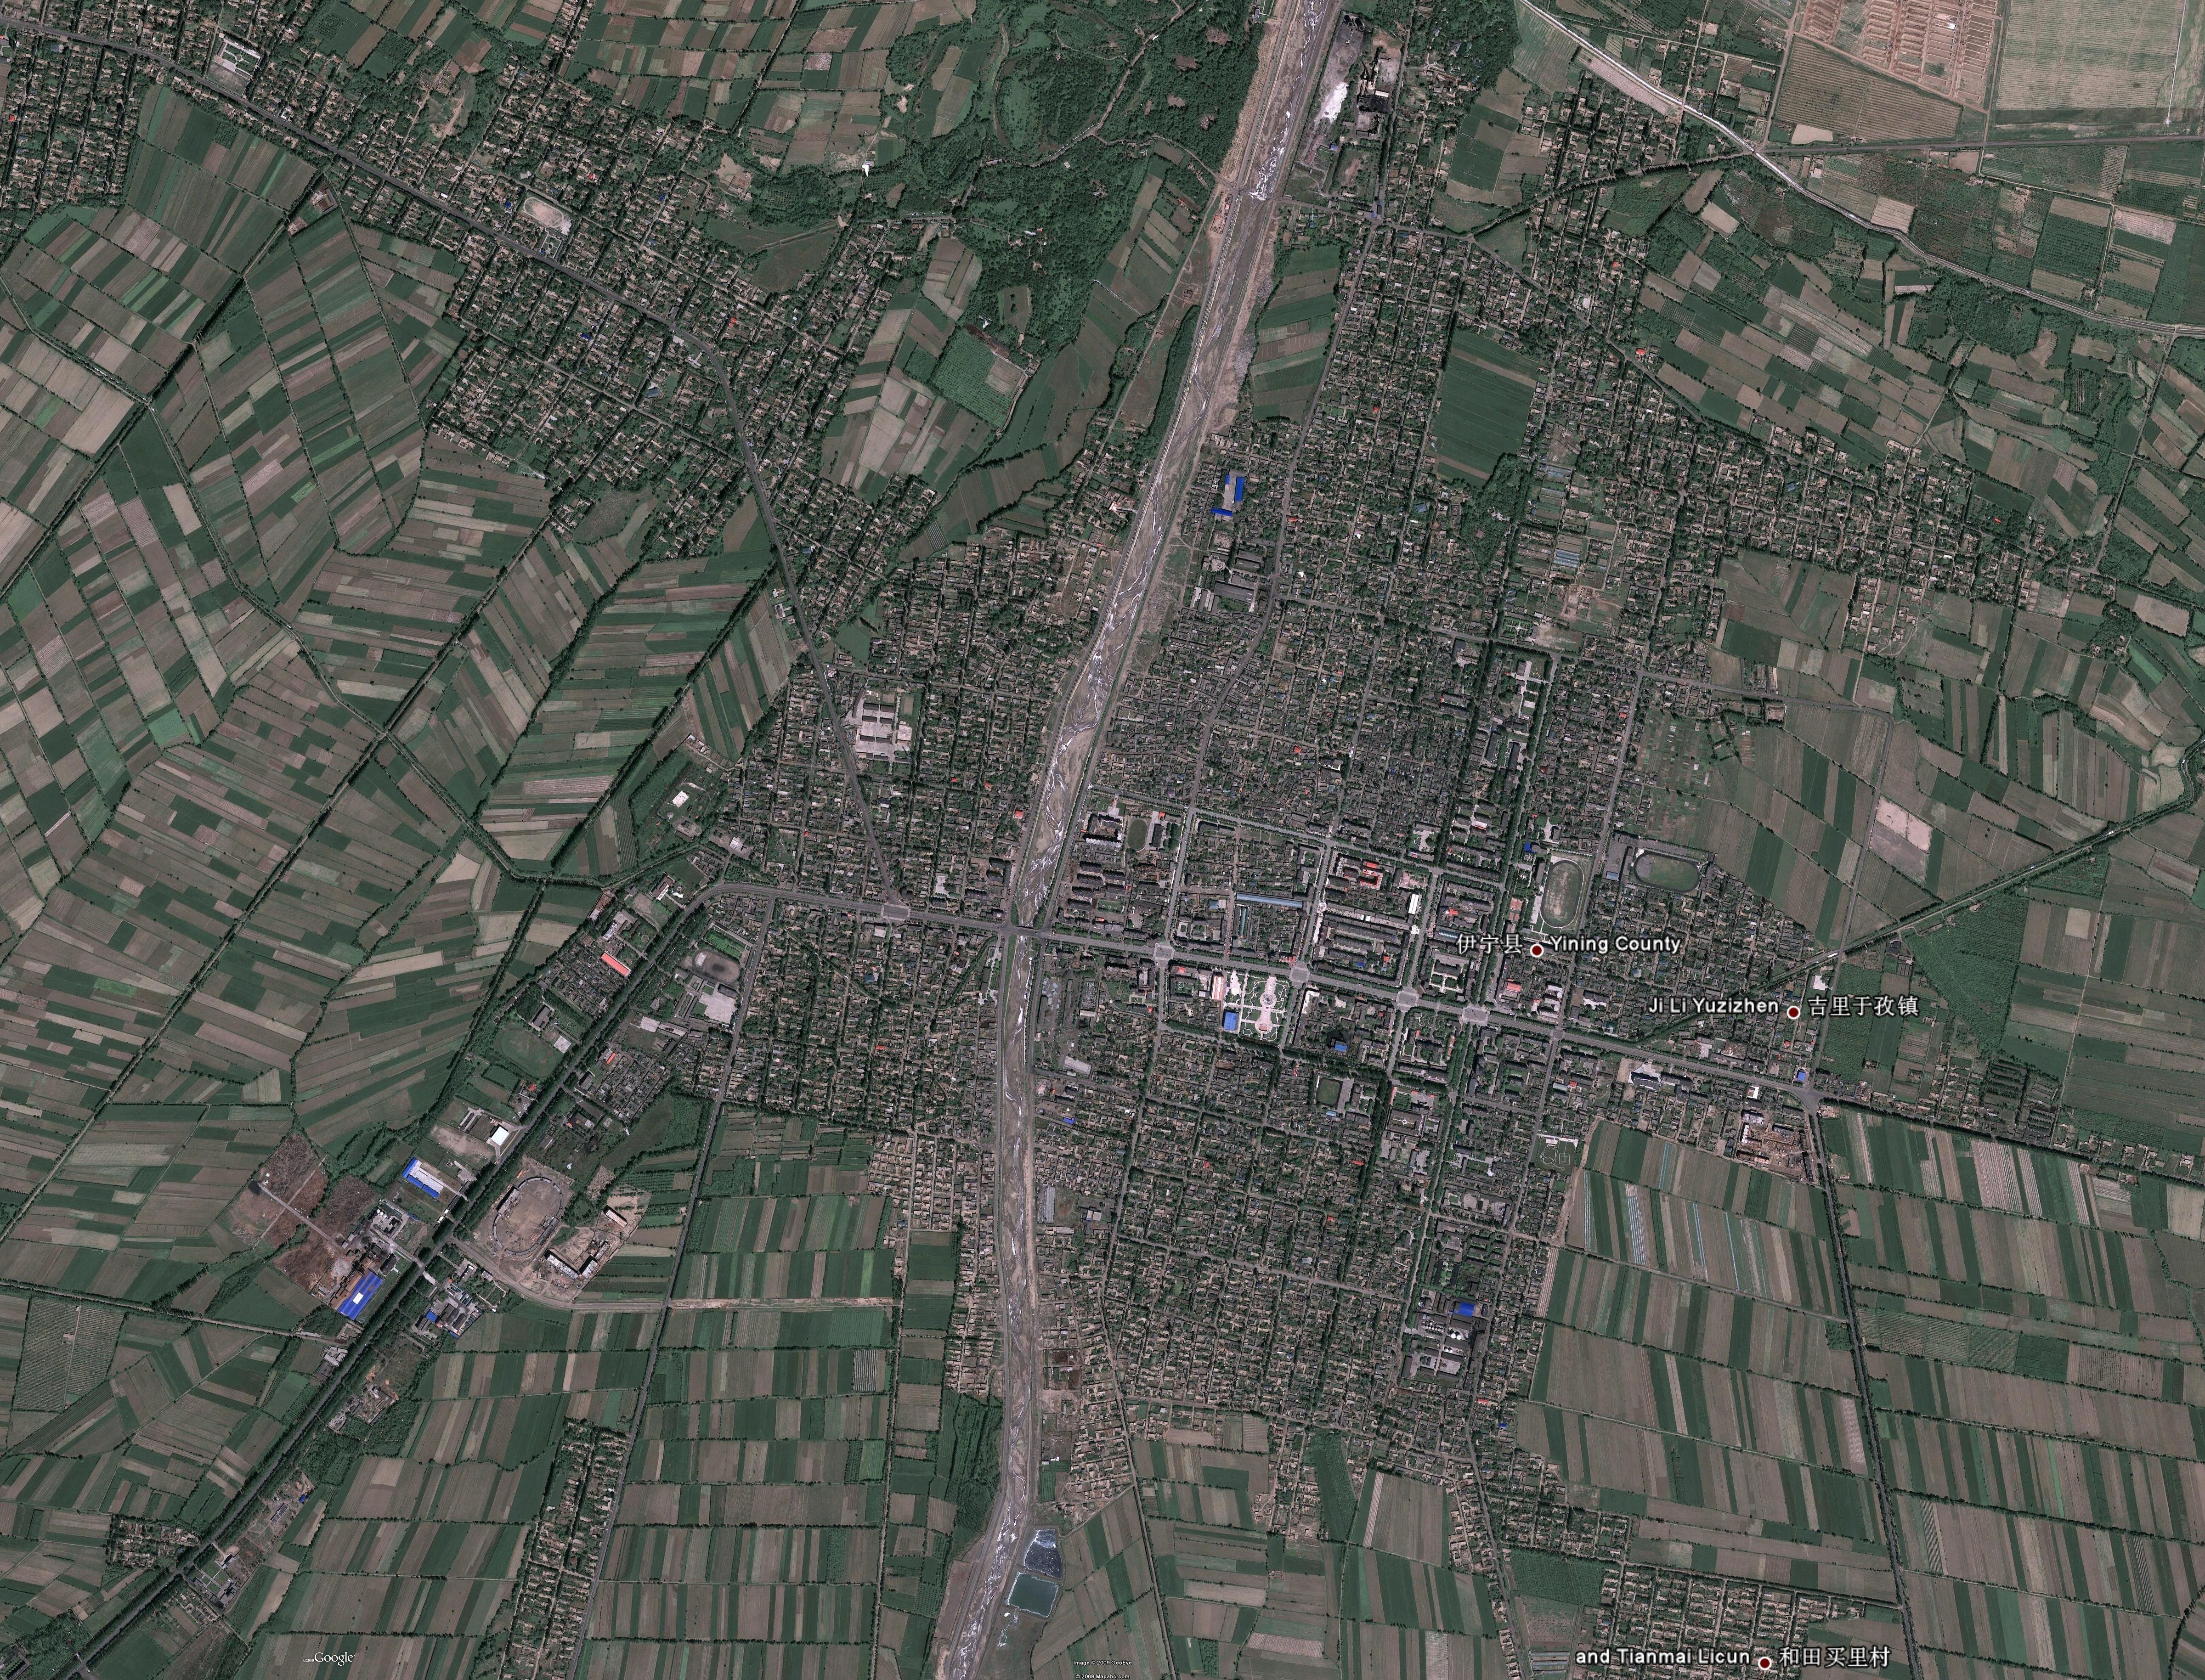 乌鲁木齐 喀什 新疆伊犁